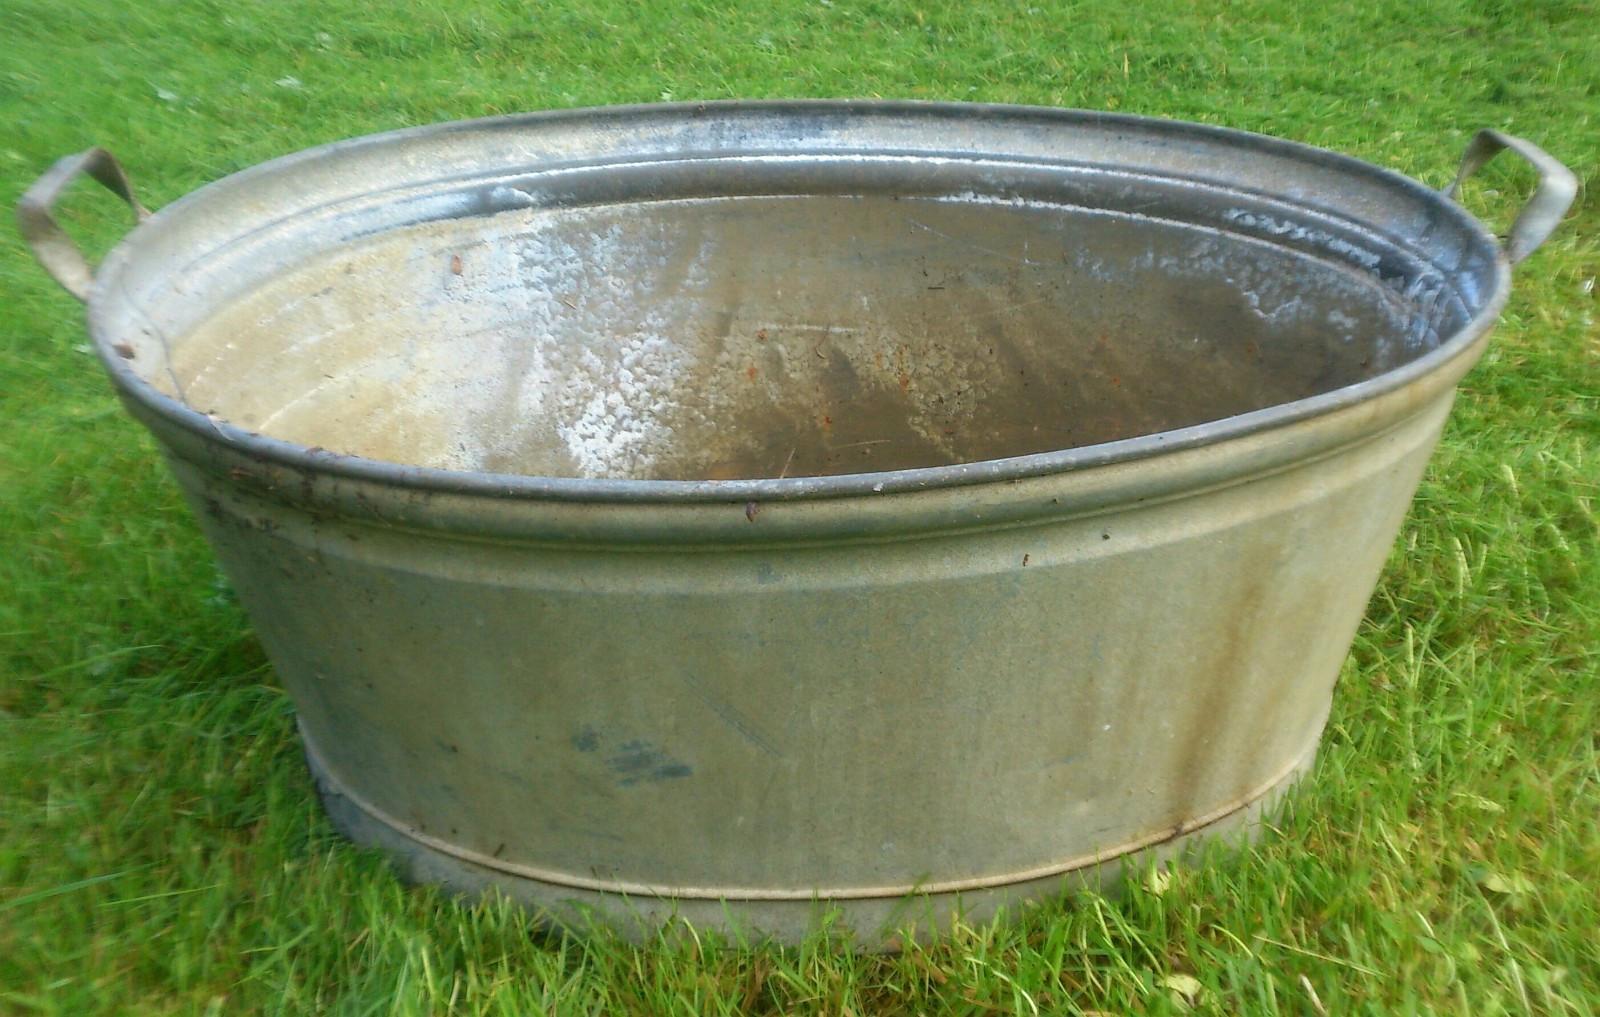 BALJE  zink - Harstad  - Balje i zink. Ingen bulker. men litt overflaterust i bunn. lengde: ca.60 cm bredde ca: 47 cm - Harstad